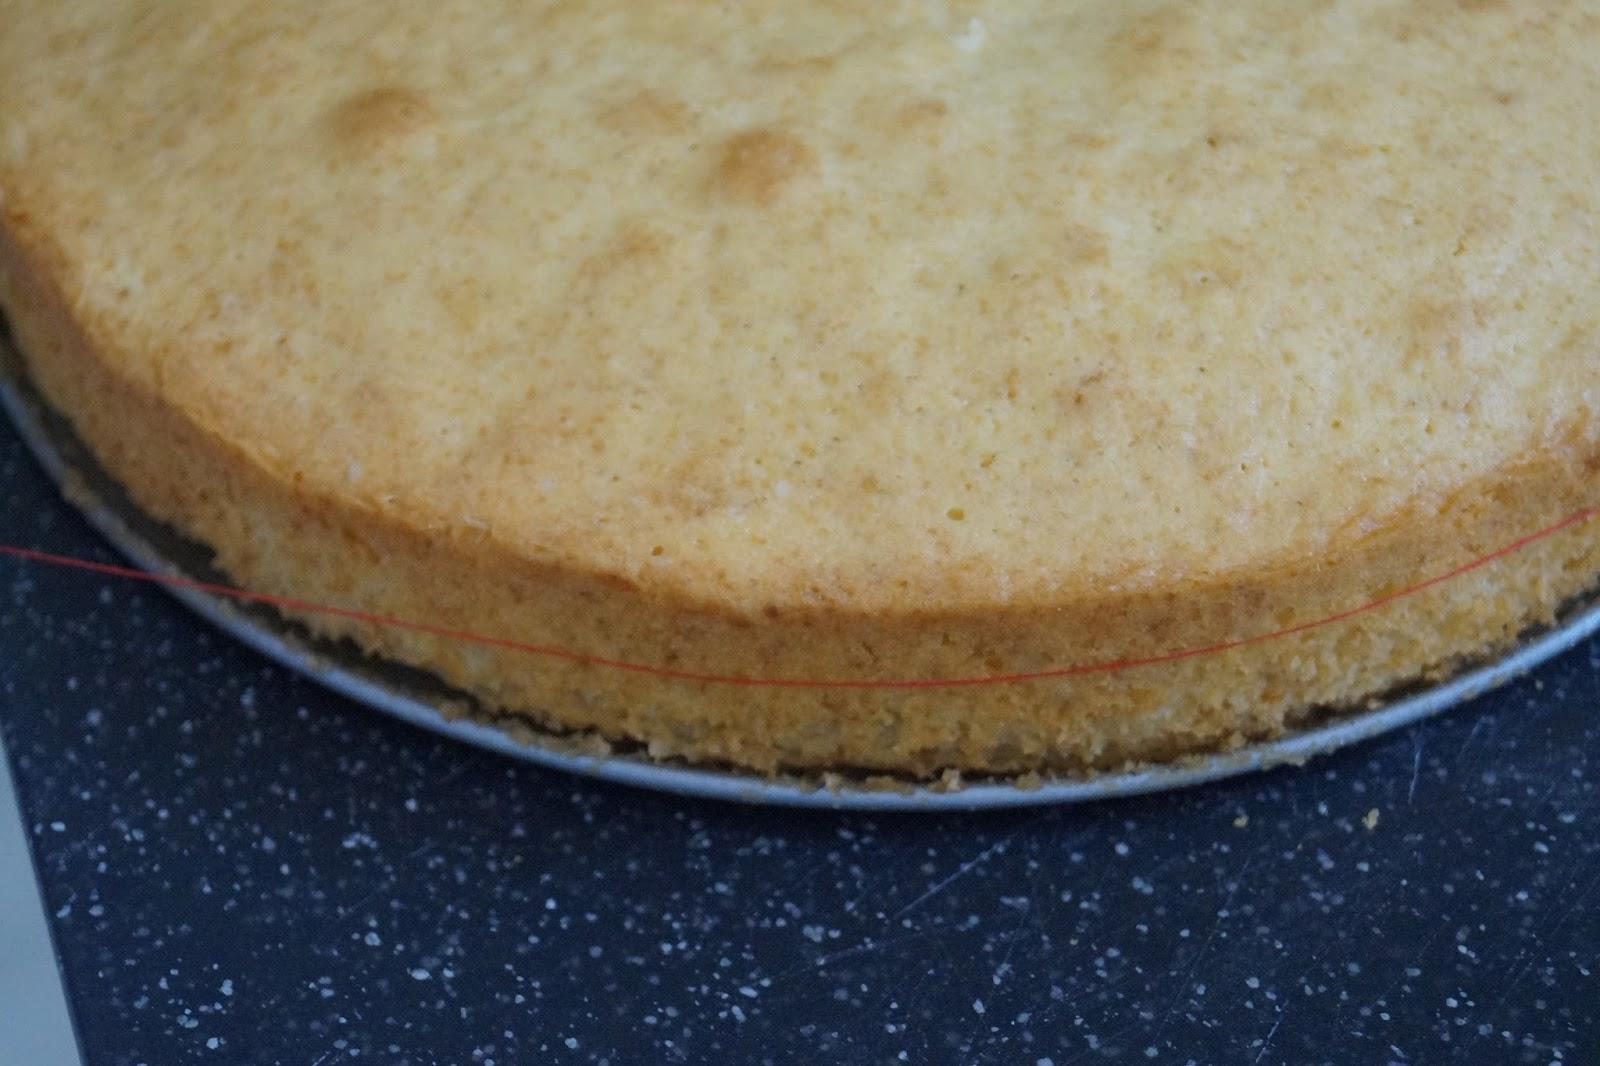 Rucki zucki Kirsch-Quark-Torte - Mit Kinderaugen ...